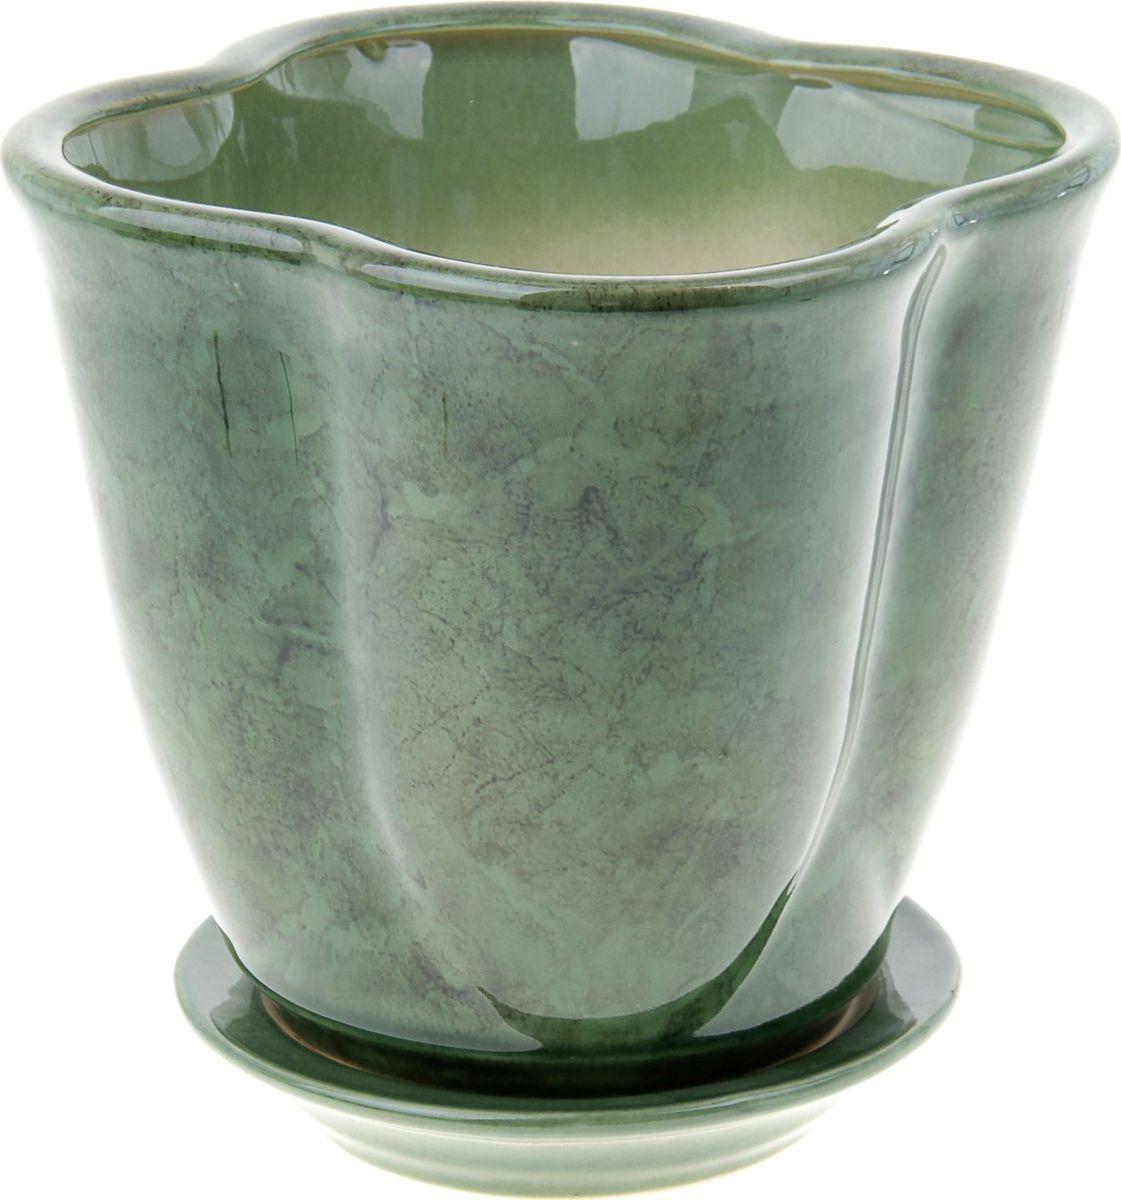 Кашпо Дези, цвет: зеленый, 3,5 л840151